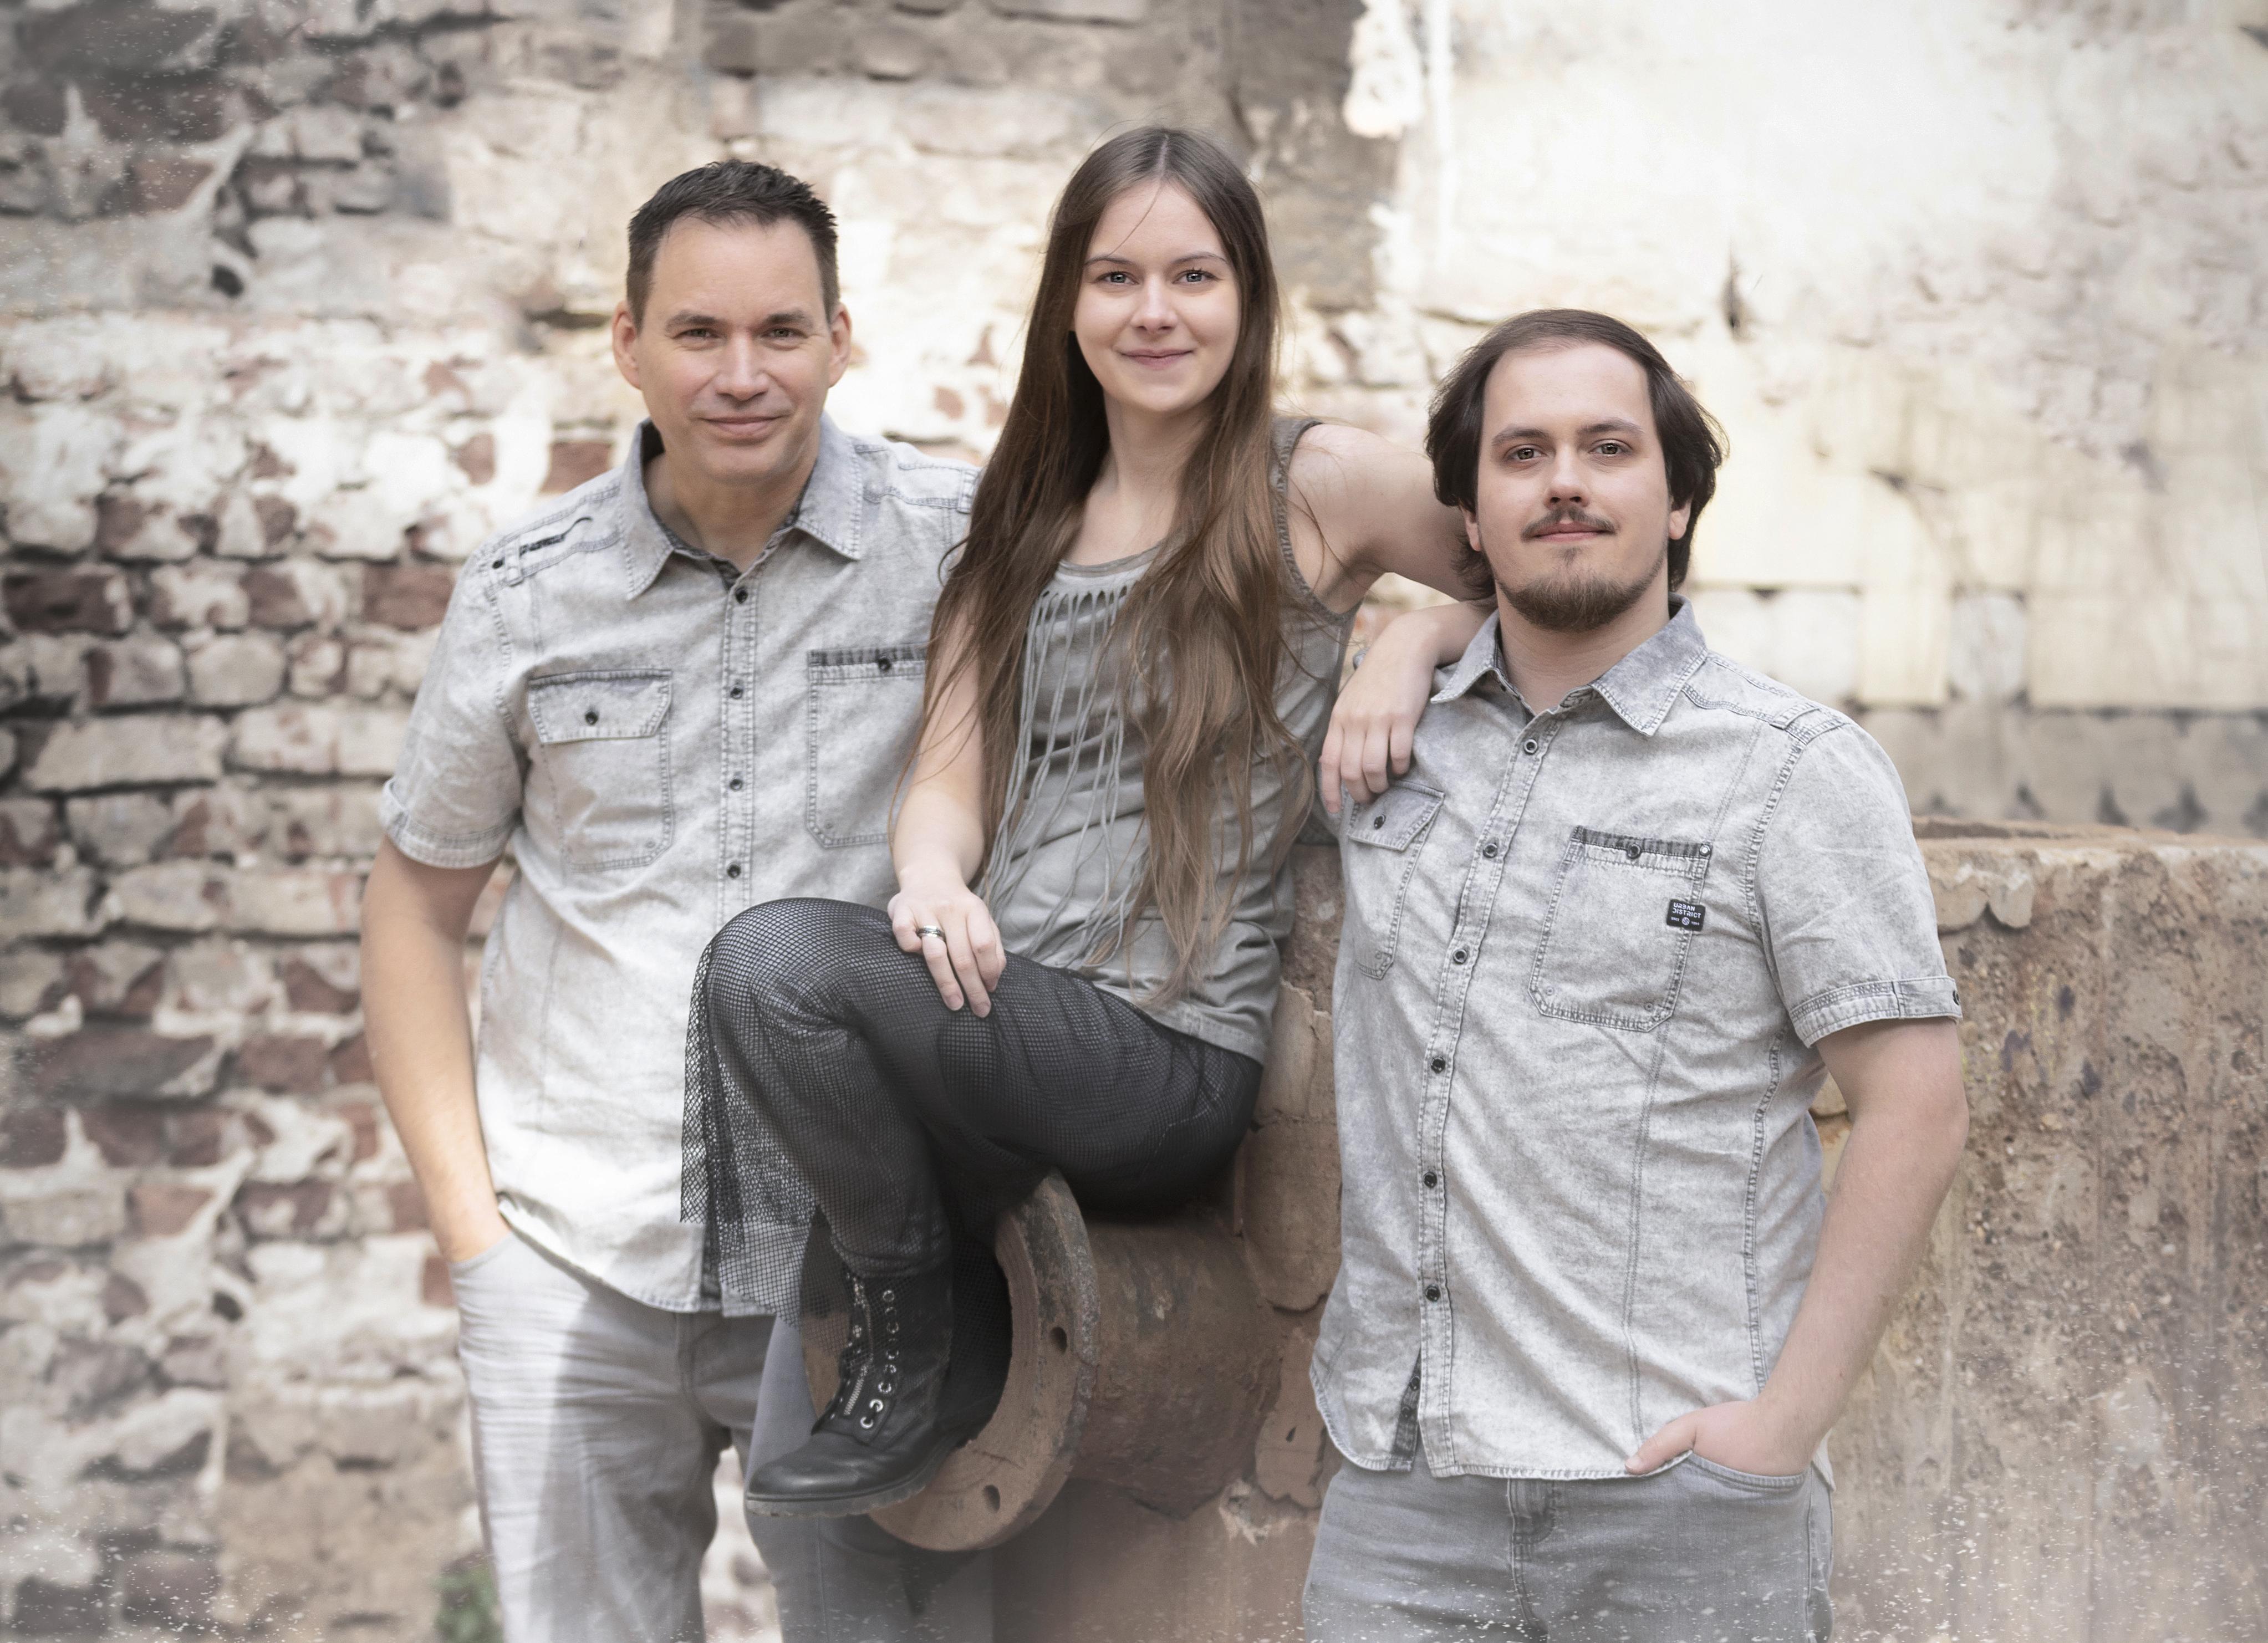 Northpolypticas offizielles Bandfoto für Presse und Social Media – Gothic Rock auf deutsch